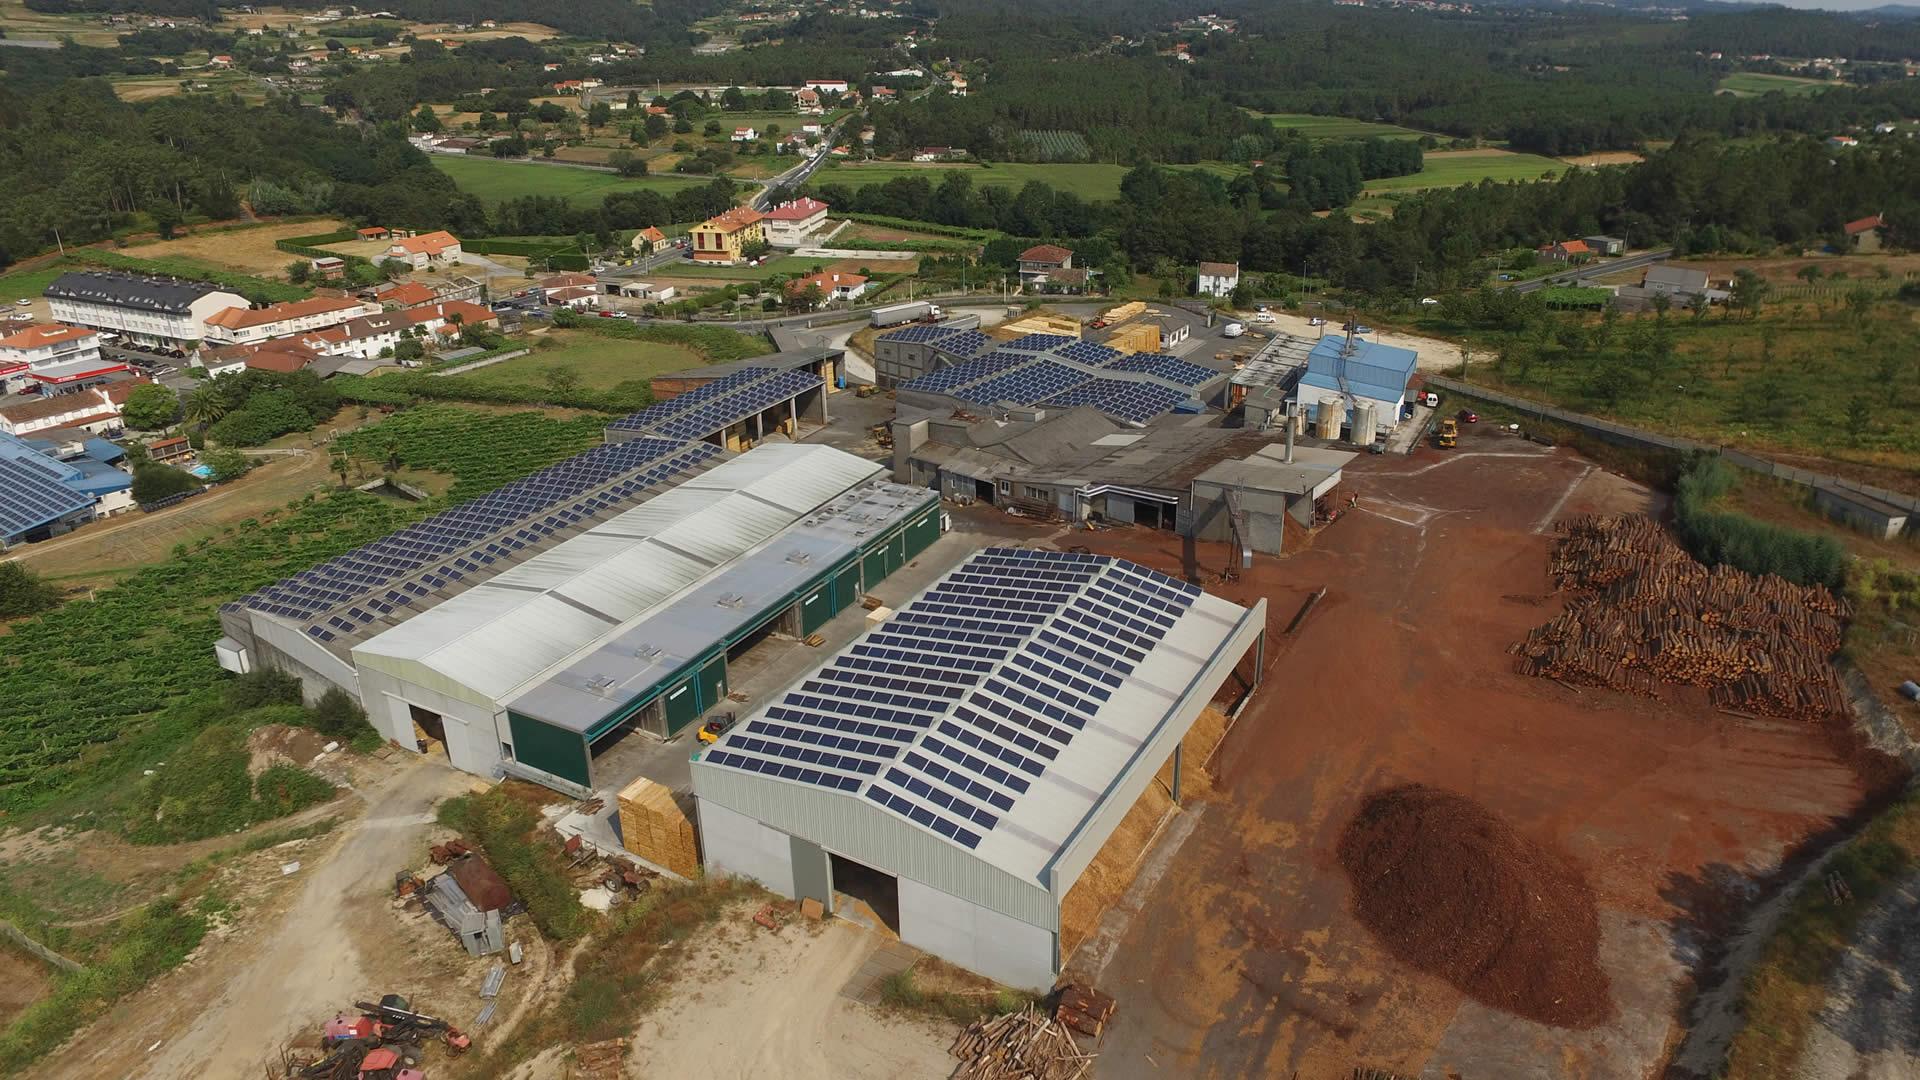 edf-solar-energia-solar-fotovoltaica-autoconsumo-maderas-cajaraville-10